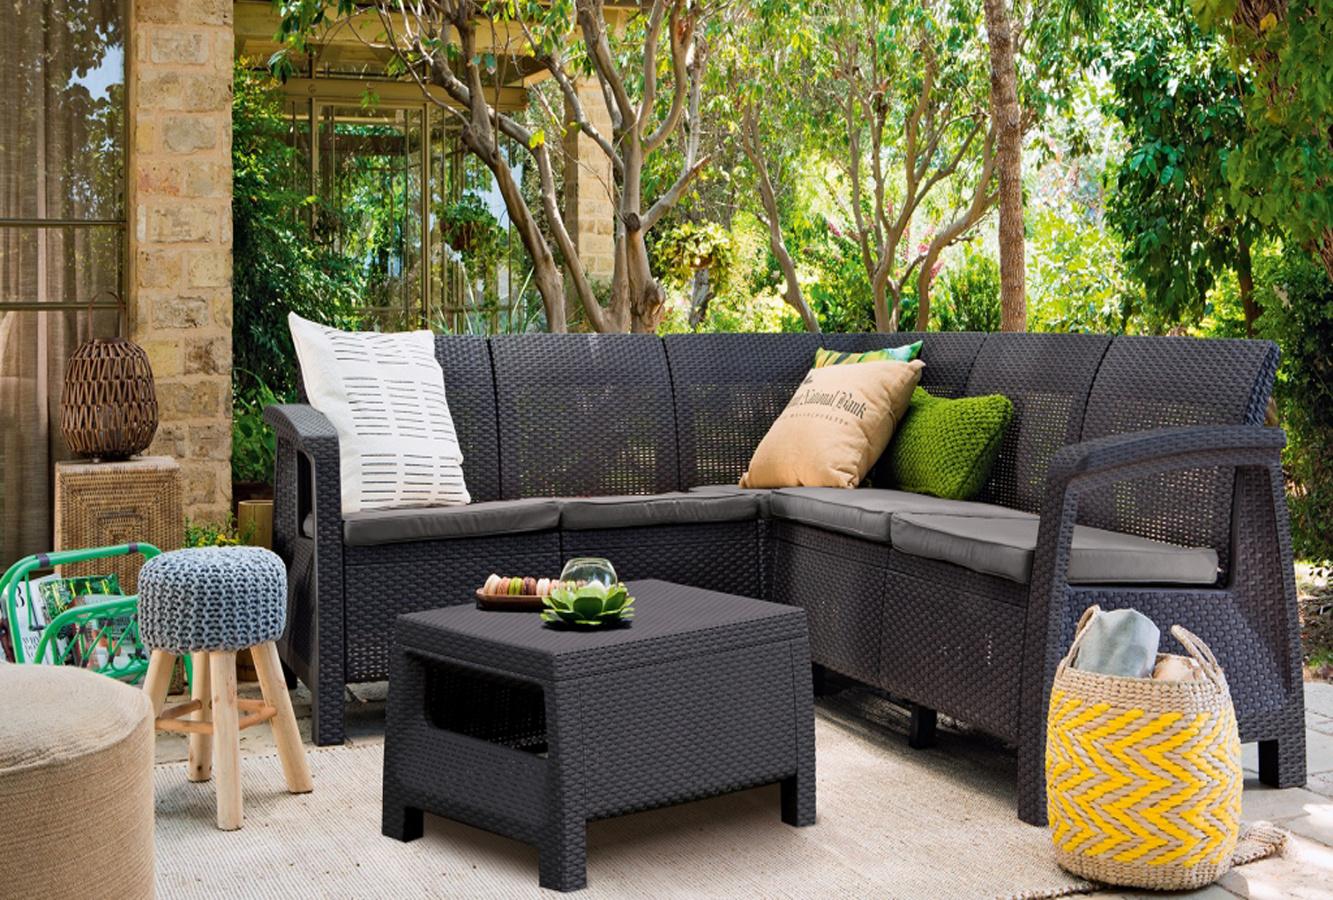 Пластиковая мебель для сада под искуственный ротанг.